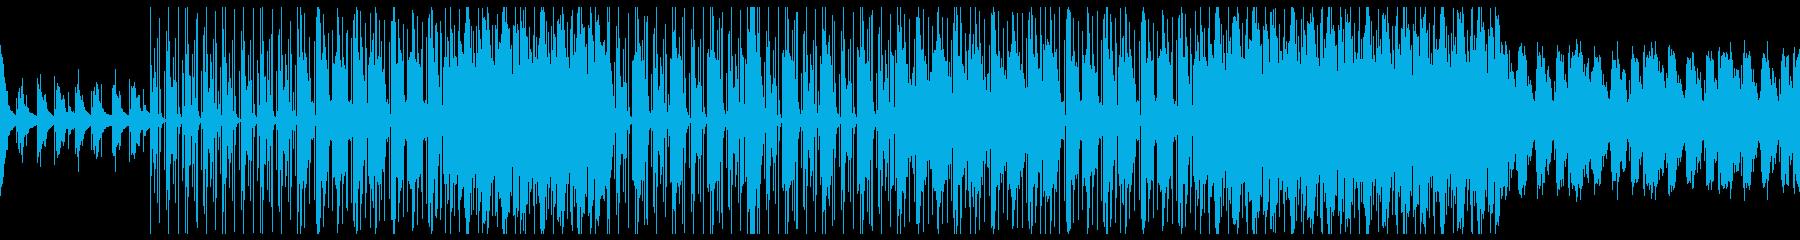 不気味 ホラー 怪物 トラップの再生済みの波形